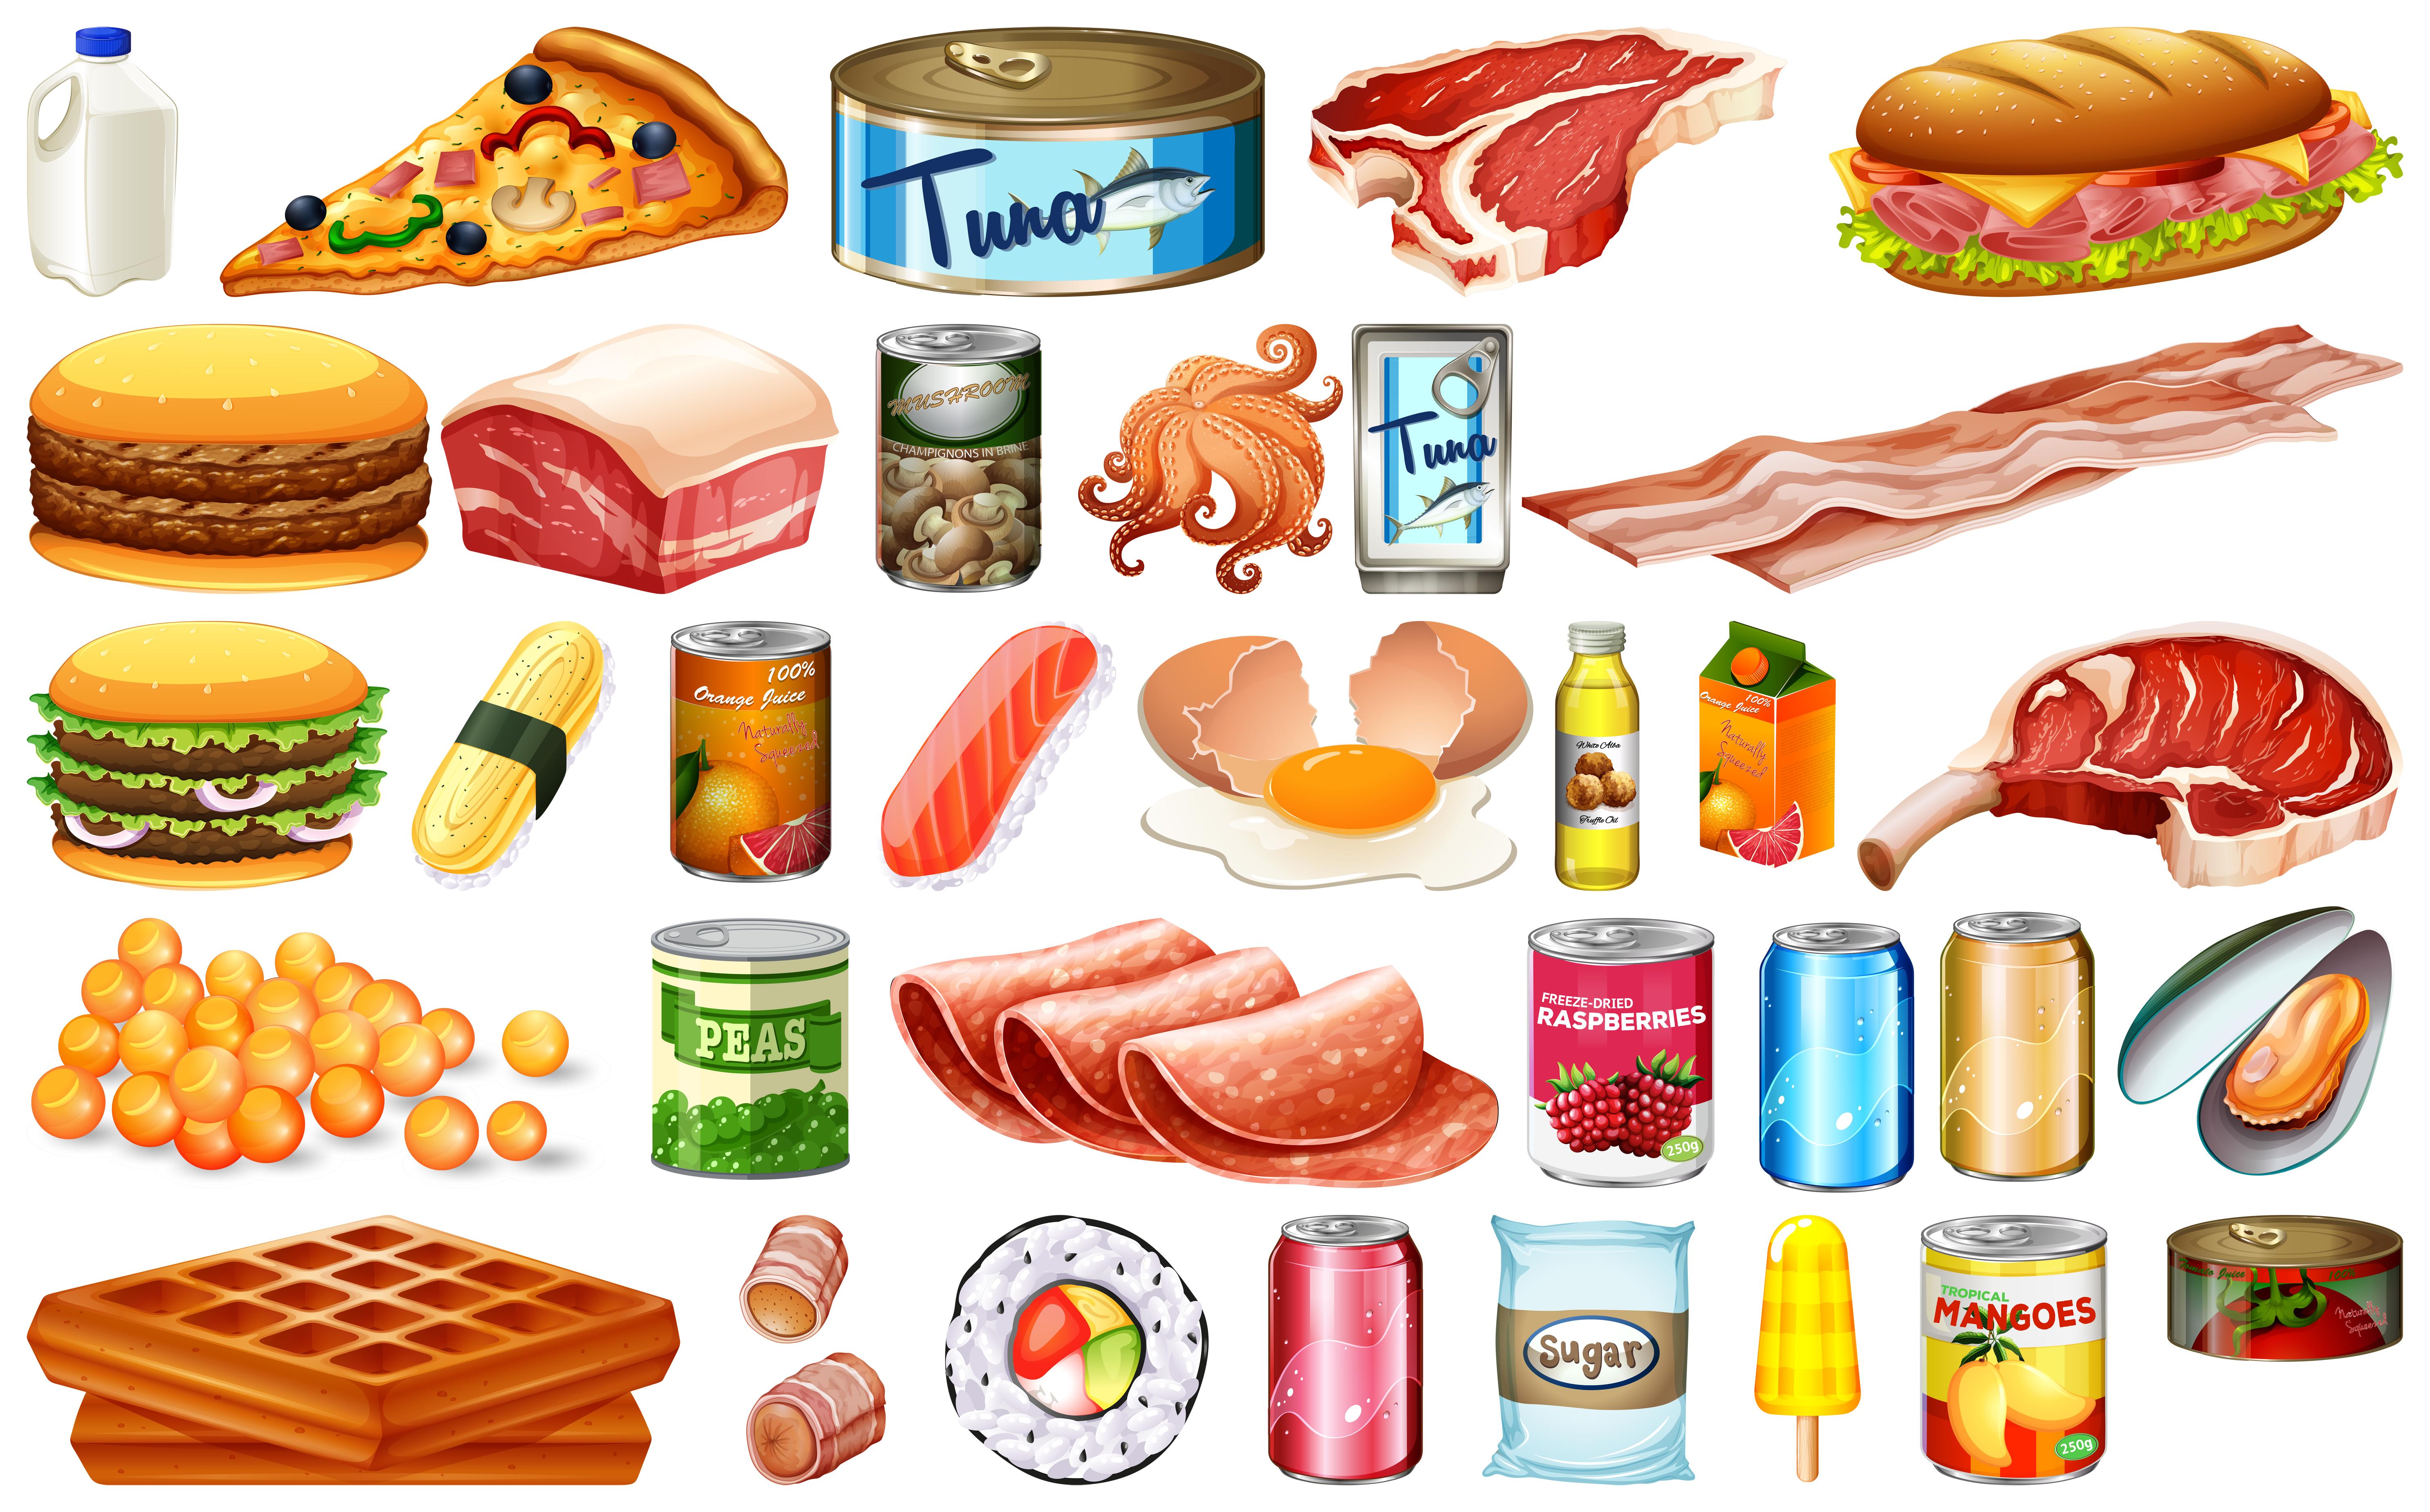 食物素材 免費下載 | 天天瘋後製